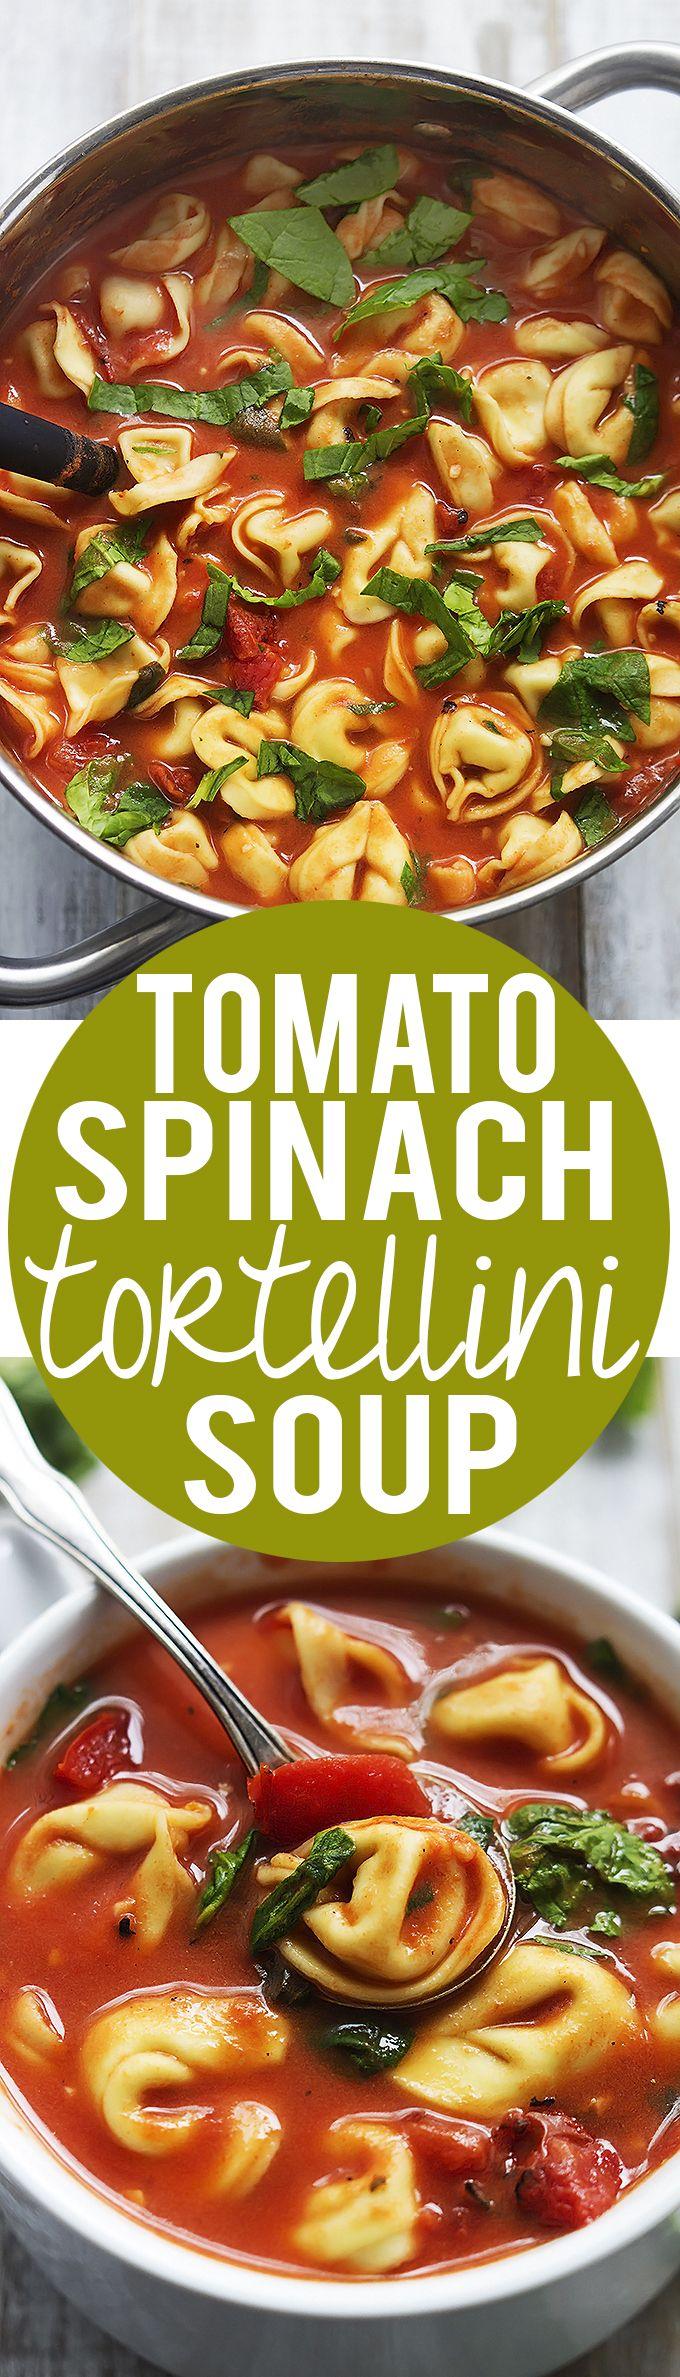 Tomato Spinach Tortellini Soup! | Creme de la Crumb